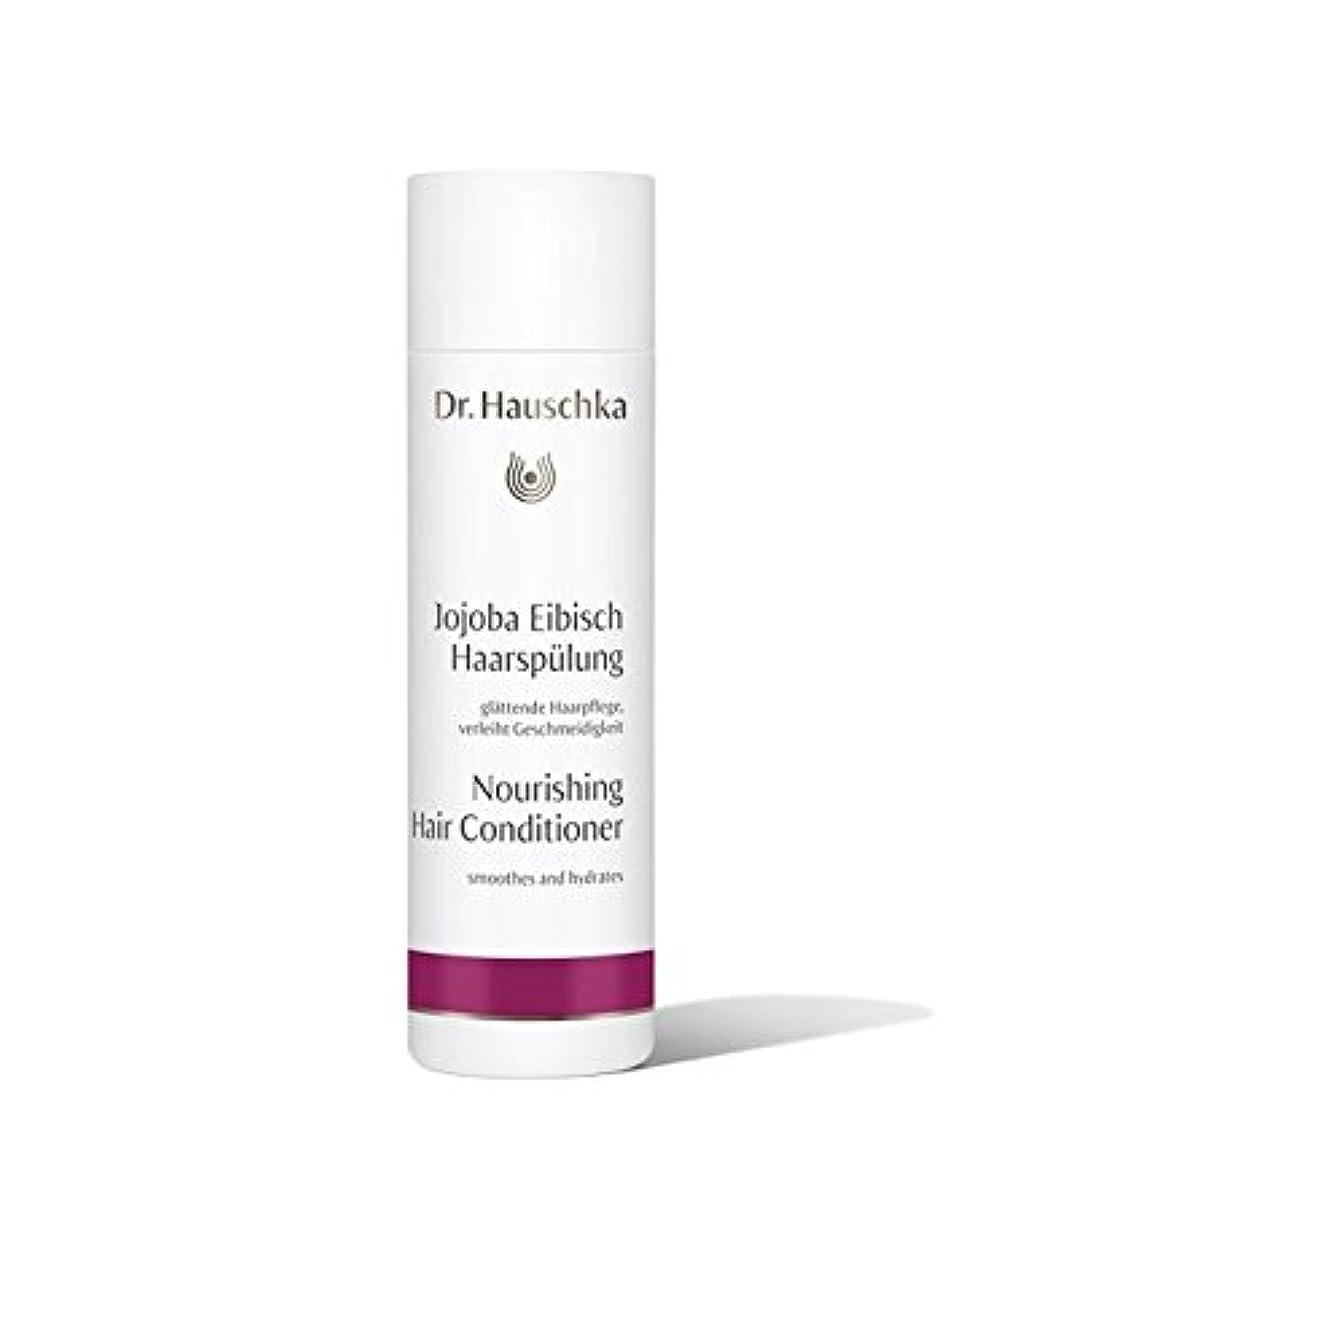 ナチュラ検出するテープDr. Hauschka Nourishing Hair Conditioner (200ml) - ハウシュカ栄養ヘアコンディショナー(200ミリリットル) [並行輸入品]